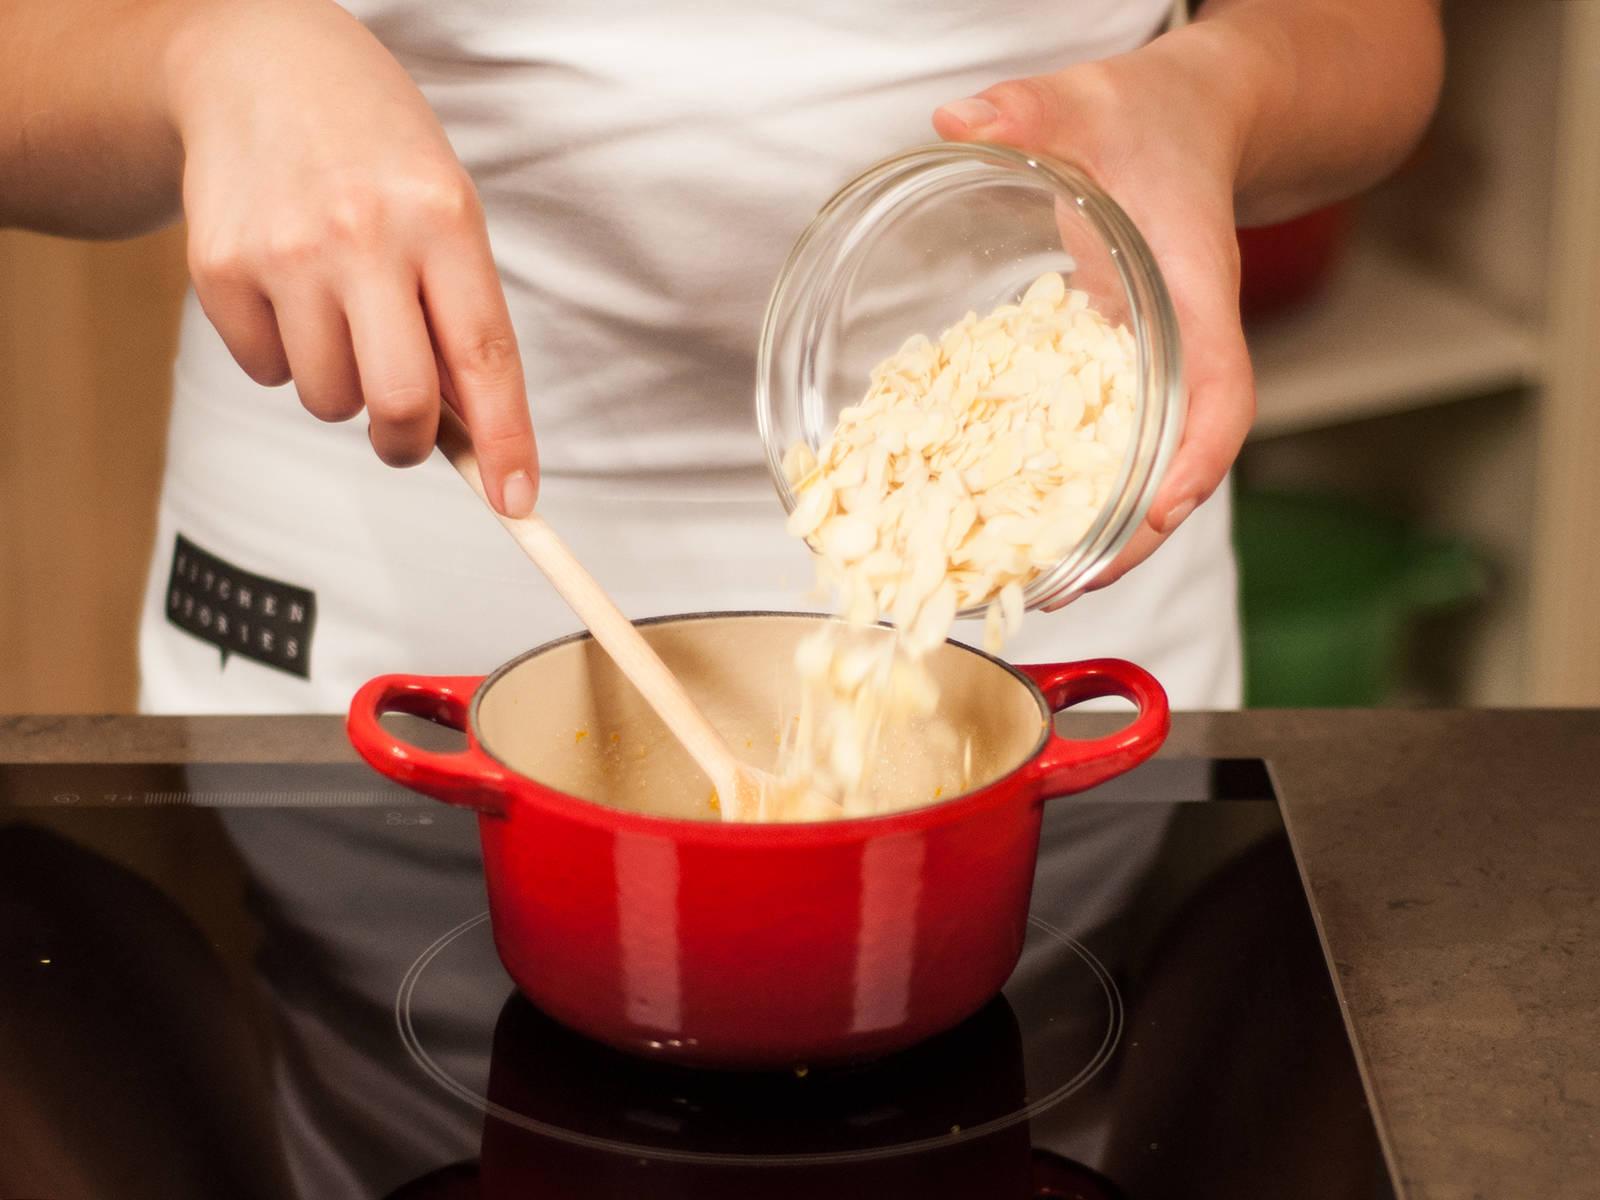 拌入切碎的花生和切片的杏仁。